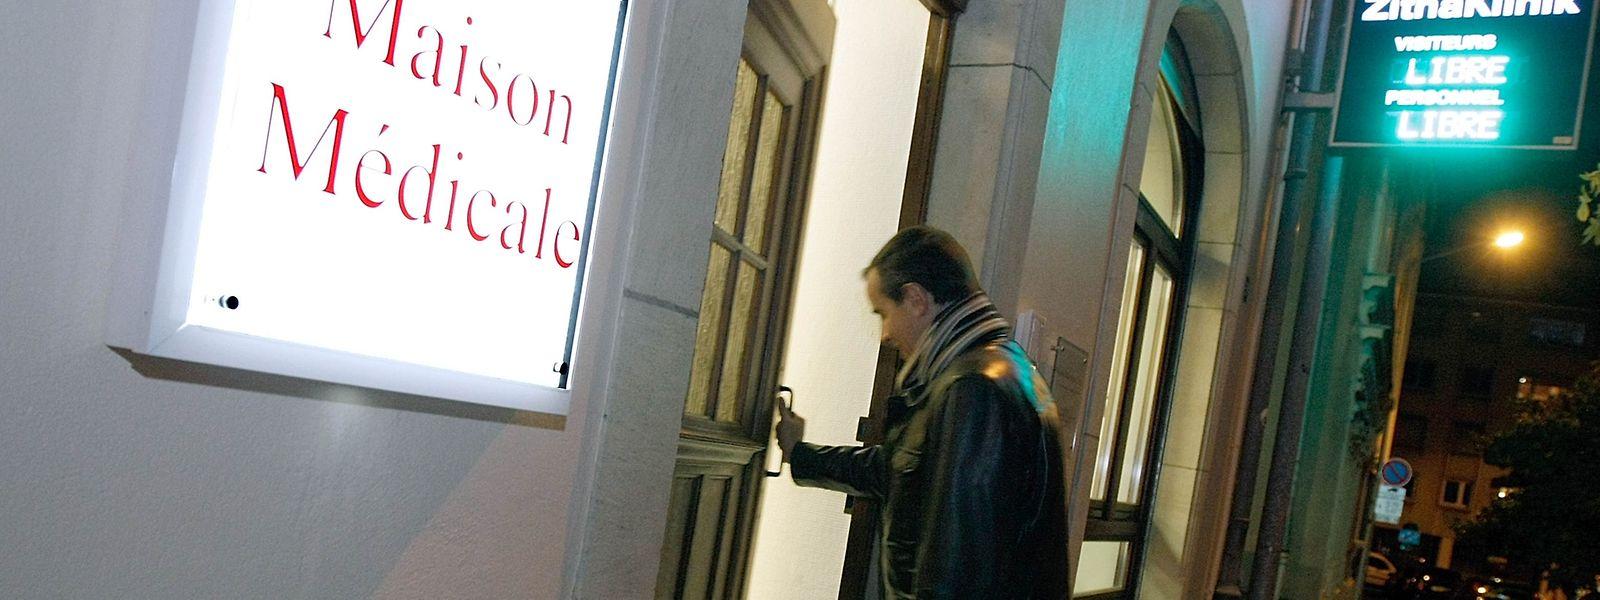 """In Luxemburg gibt es eine """"Maison médicale"""" in der Hauptstadt, in Esch/Alzette und in Ettelbrück."""